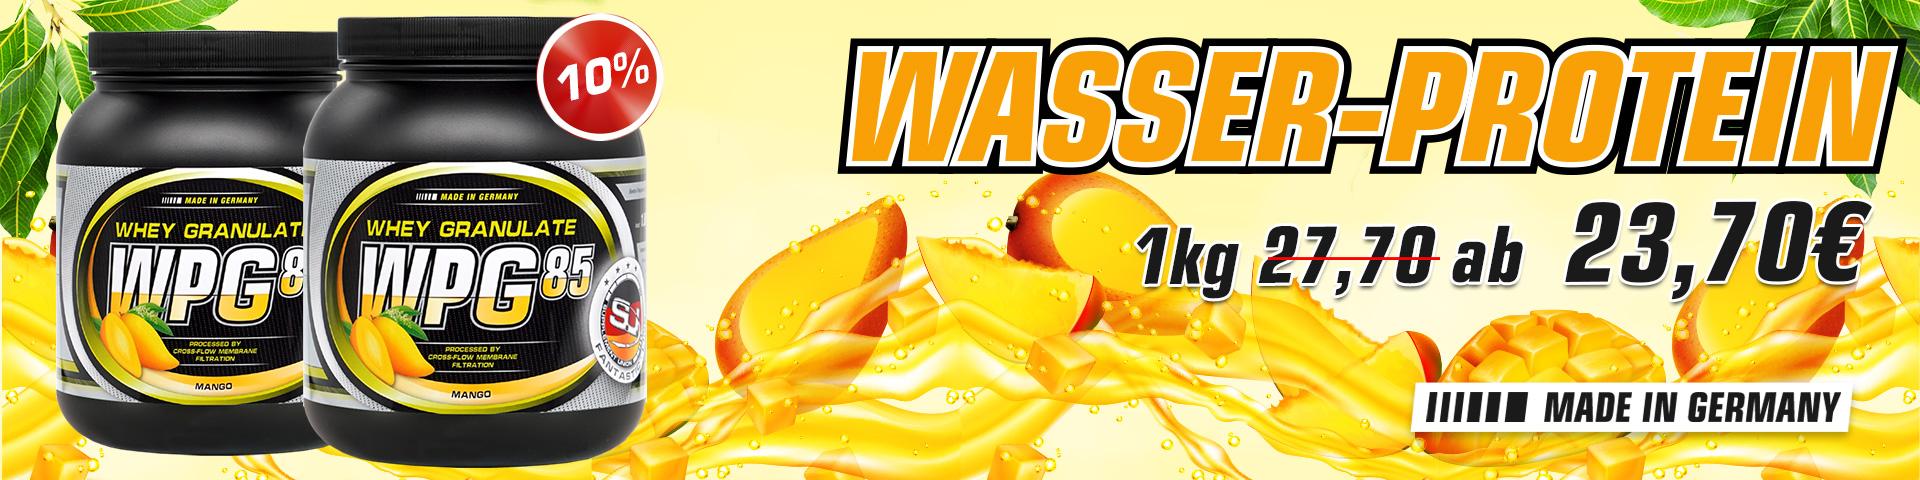 wpg-85-mango-shop.jpg